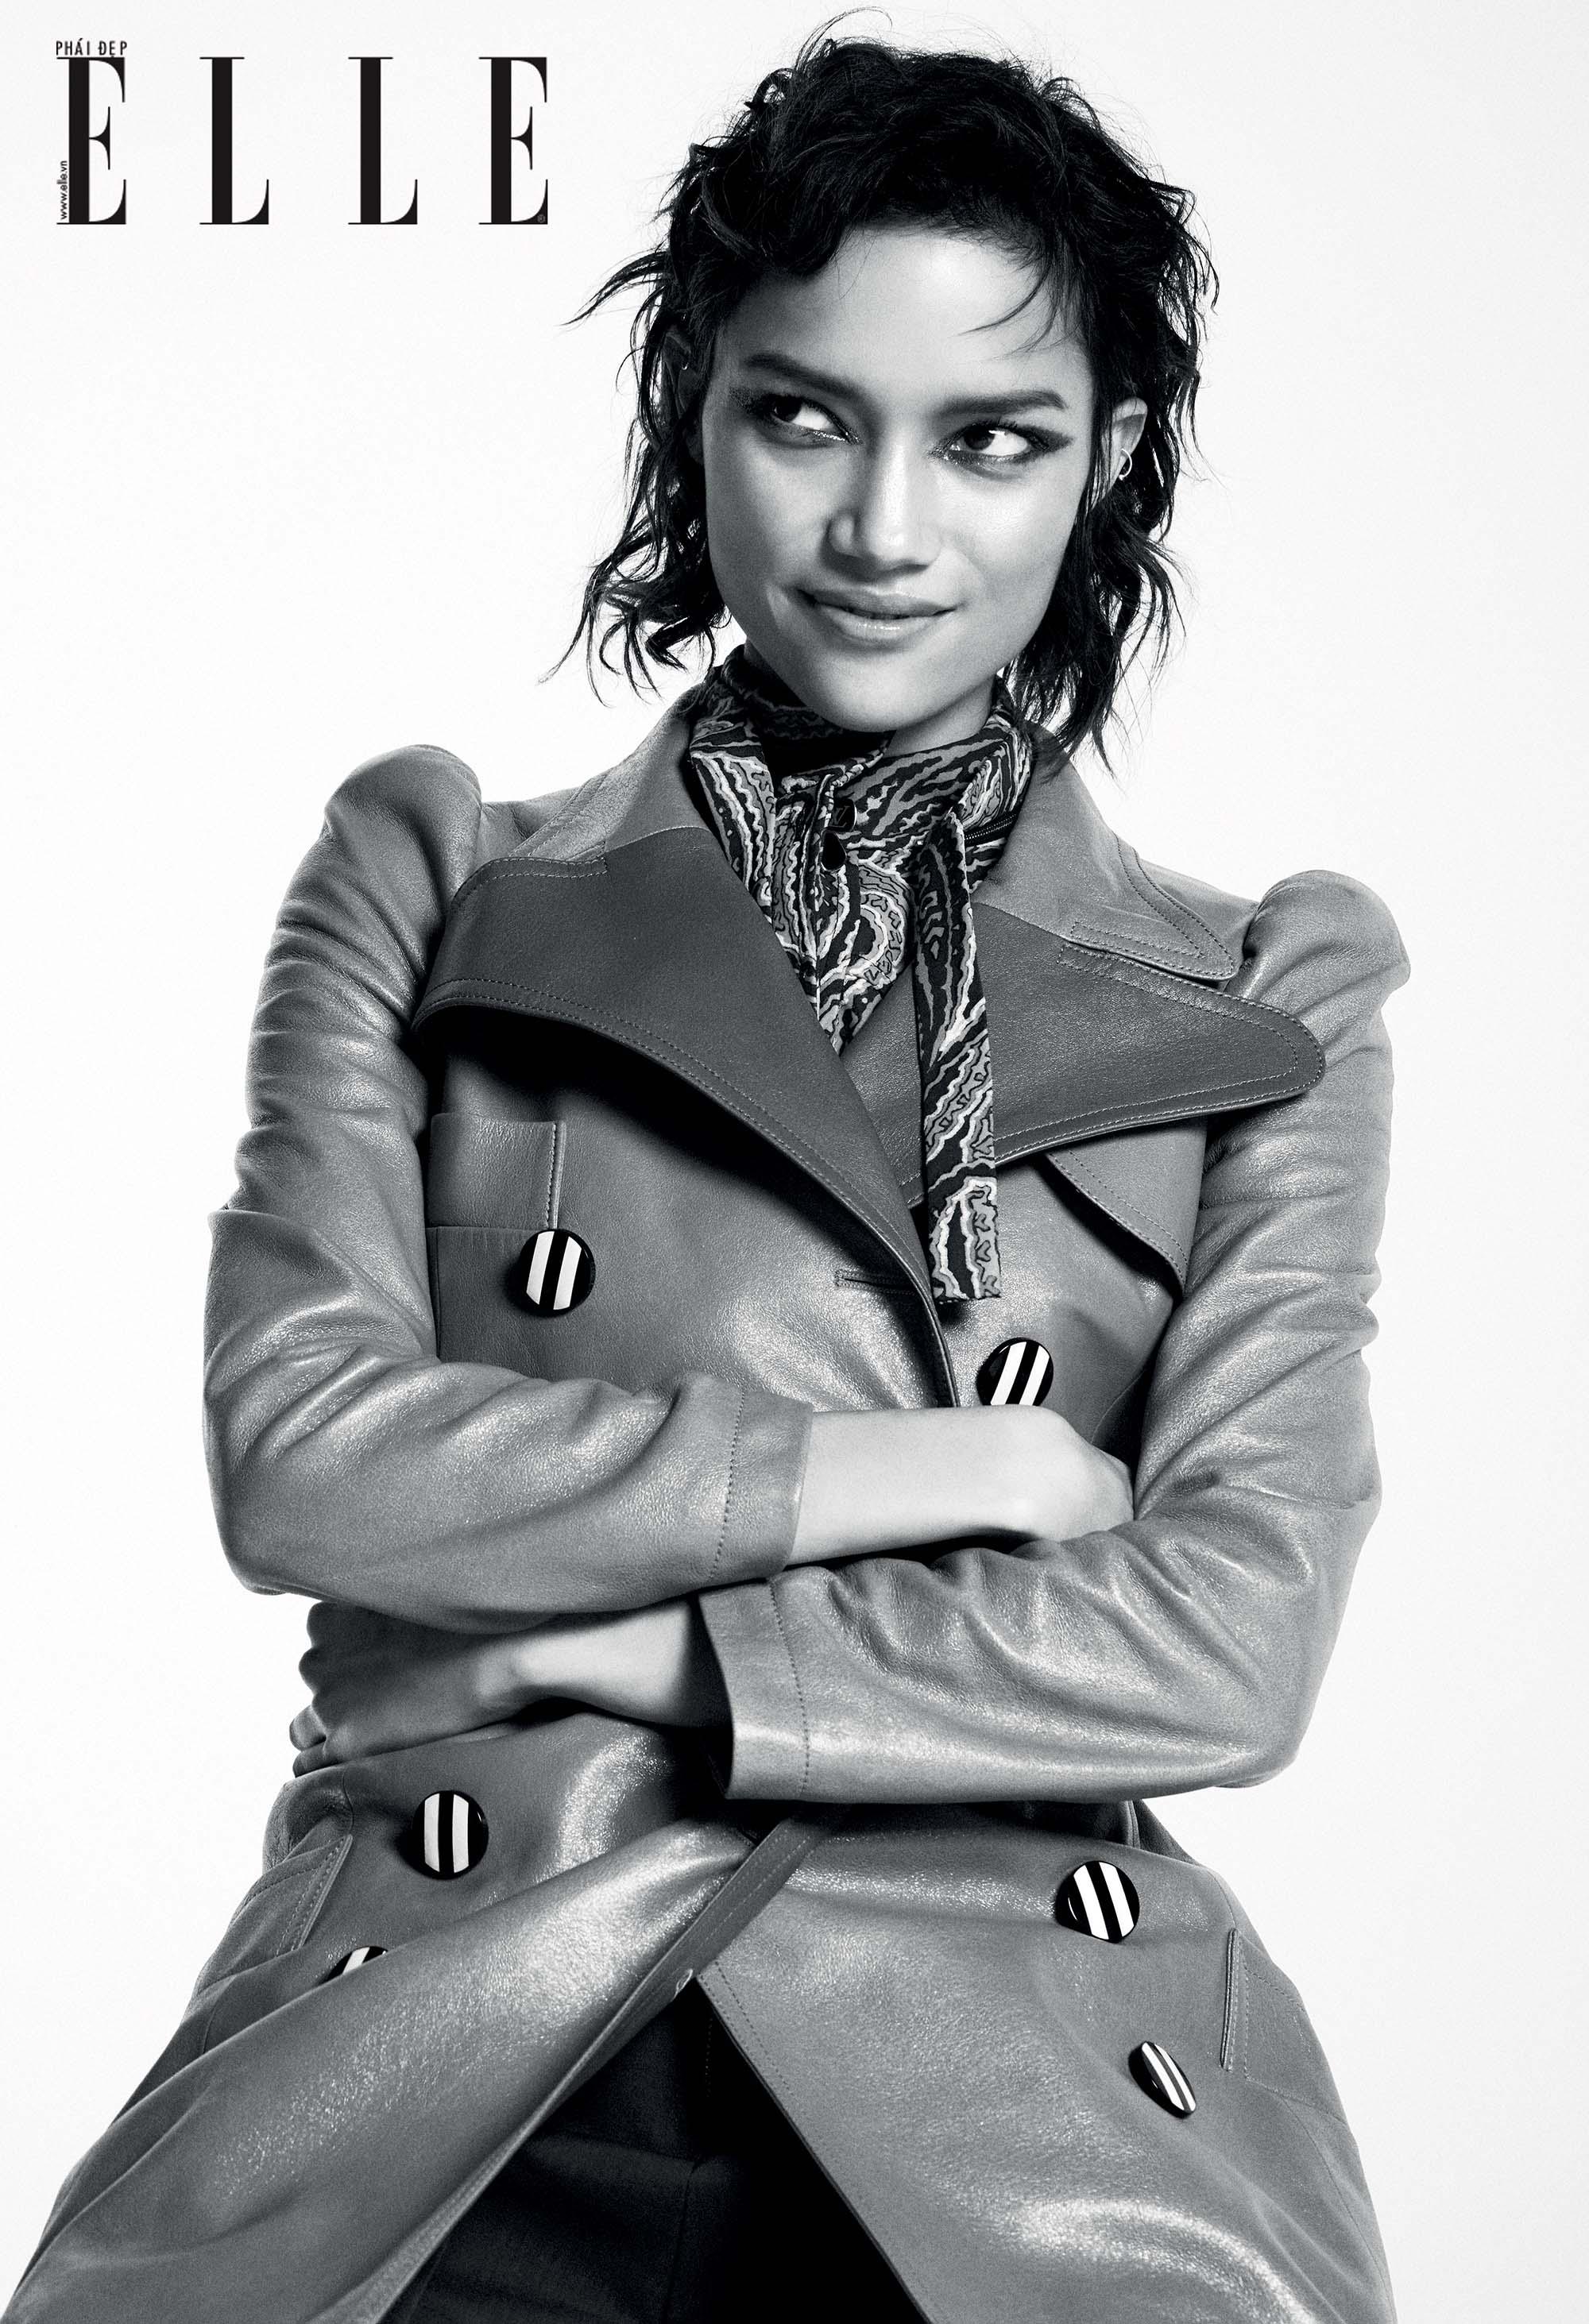 bộ ảnh người mẫu với áo khoác dáng dài và khăn lụa họa tiết